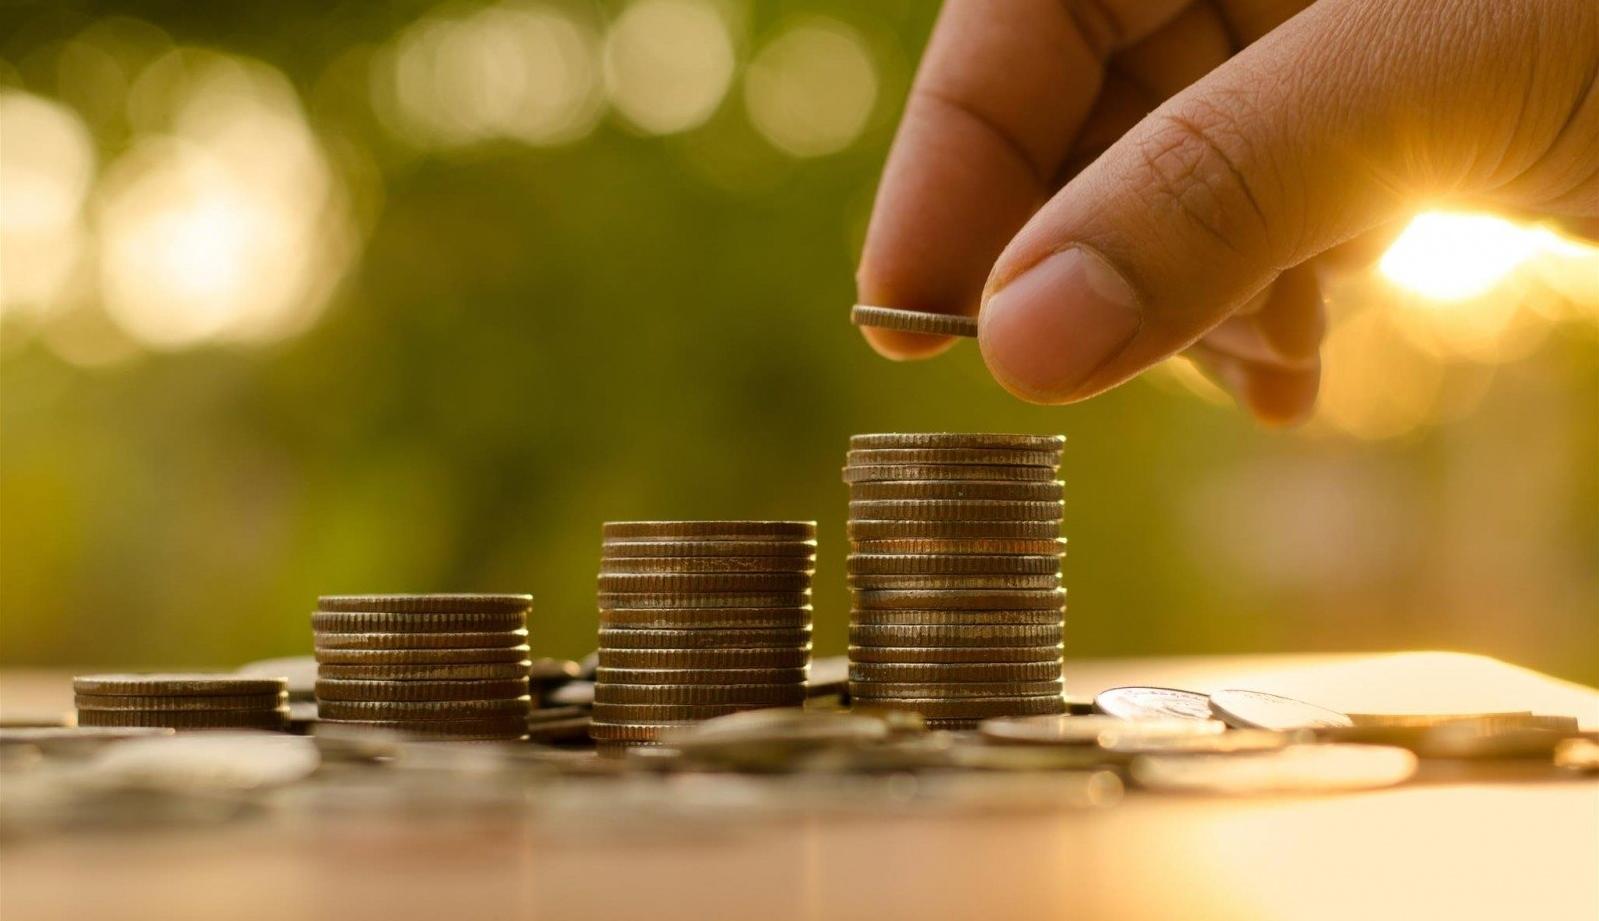 С помощью депозитов можно избежать влияния инфляции на накопления